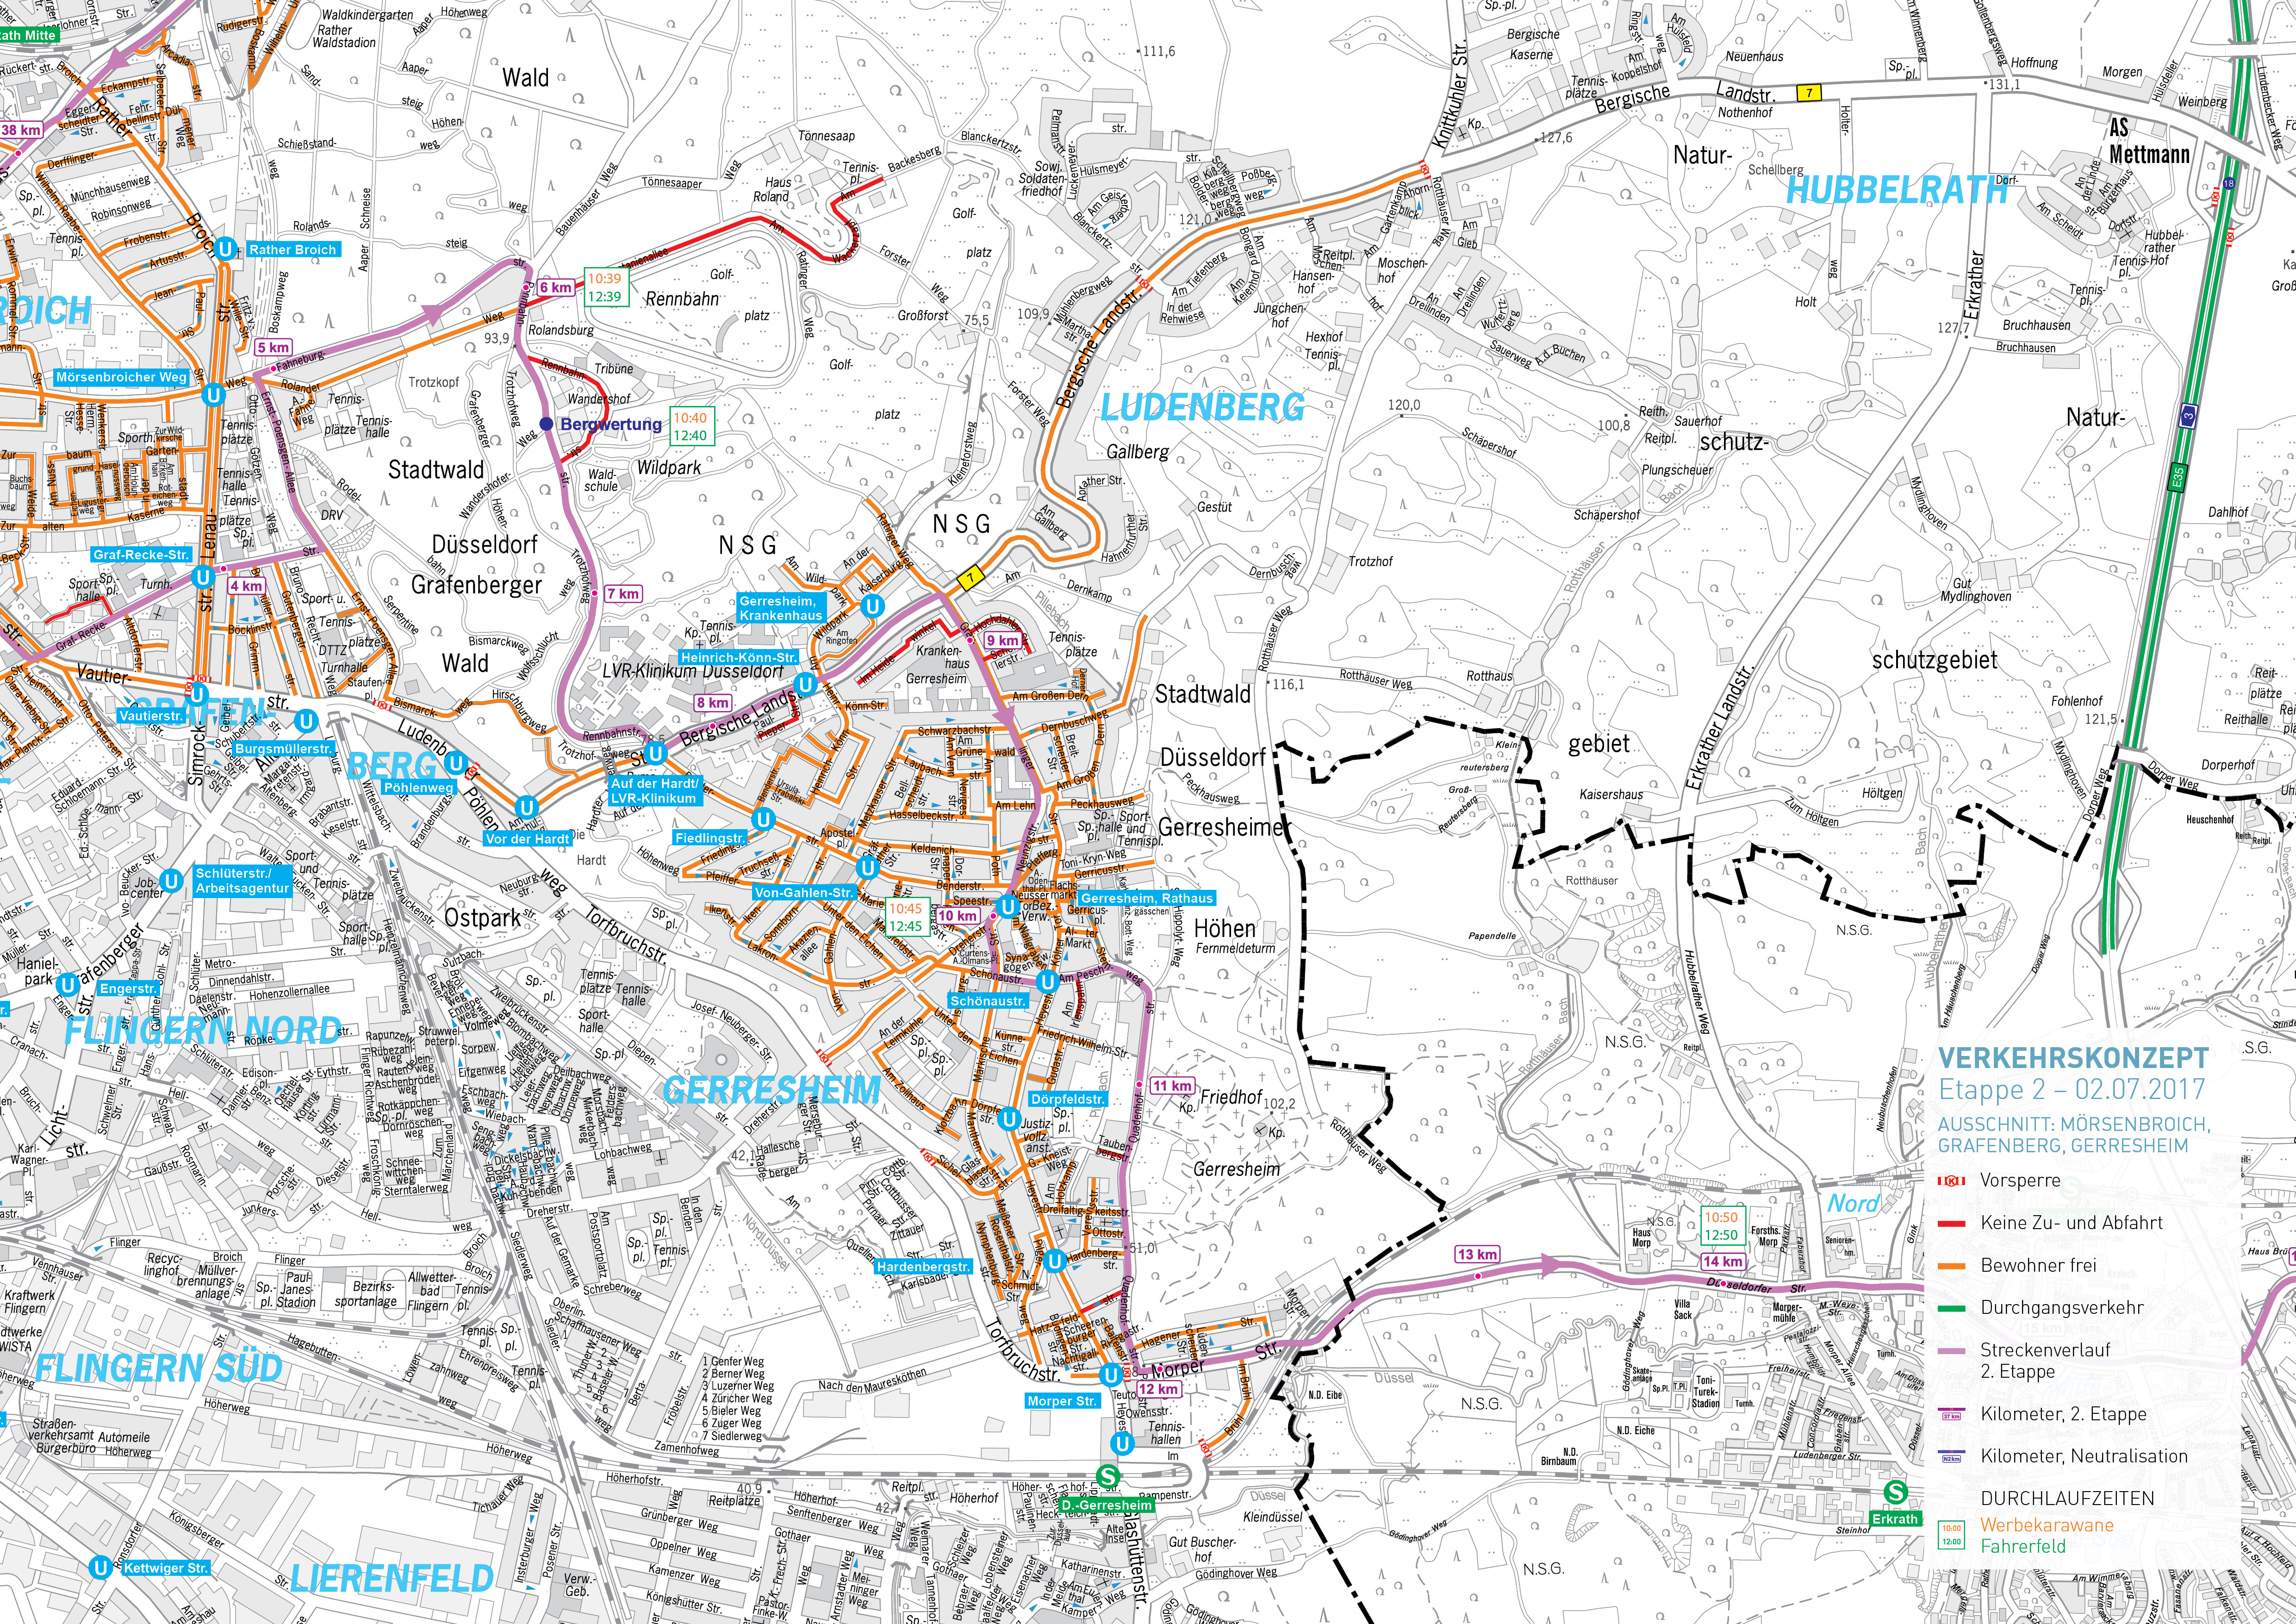 Aktualisierte Verkehrsinfos Für Bewohner Landeshauptstadt Düsseldorf